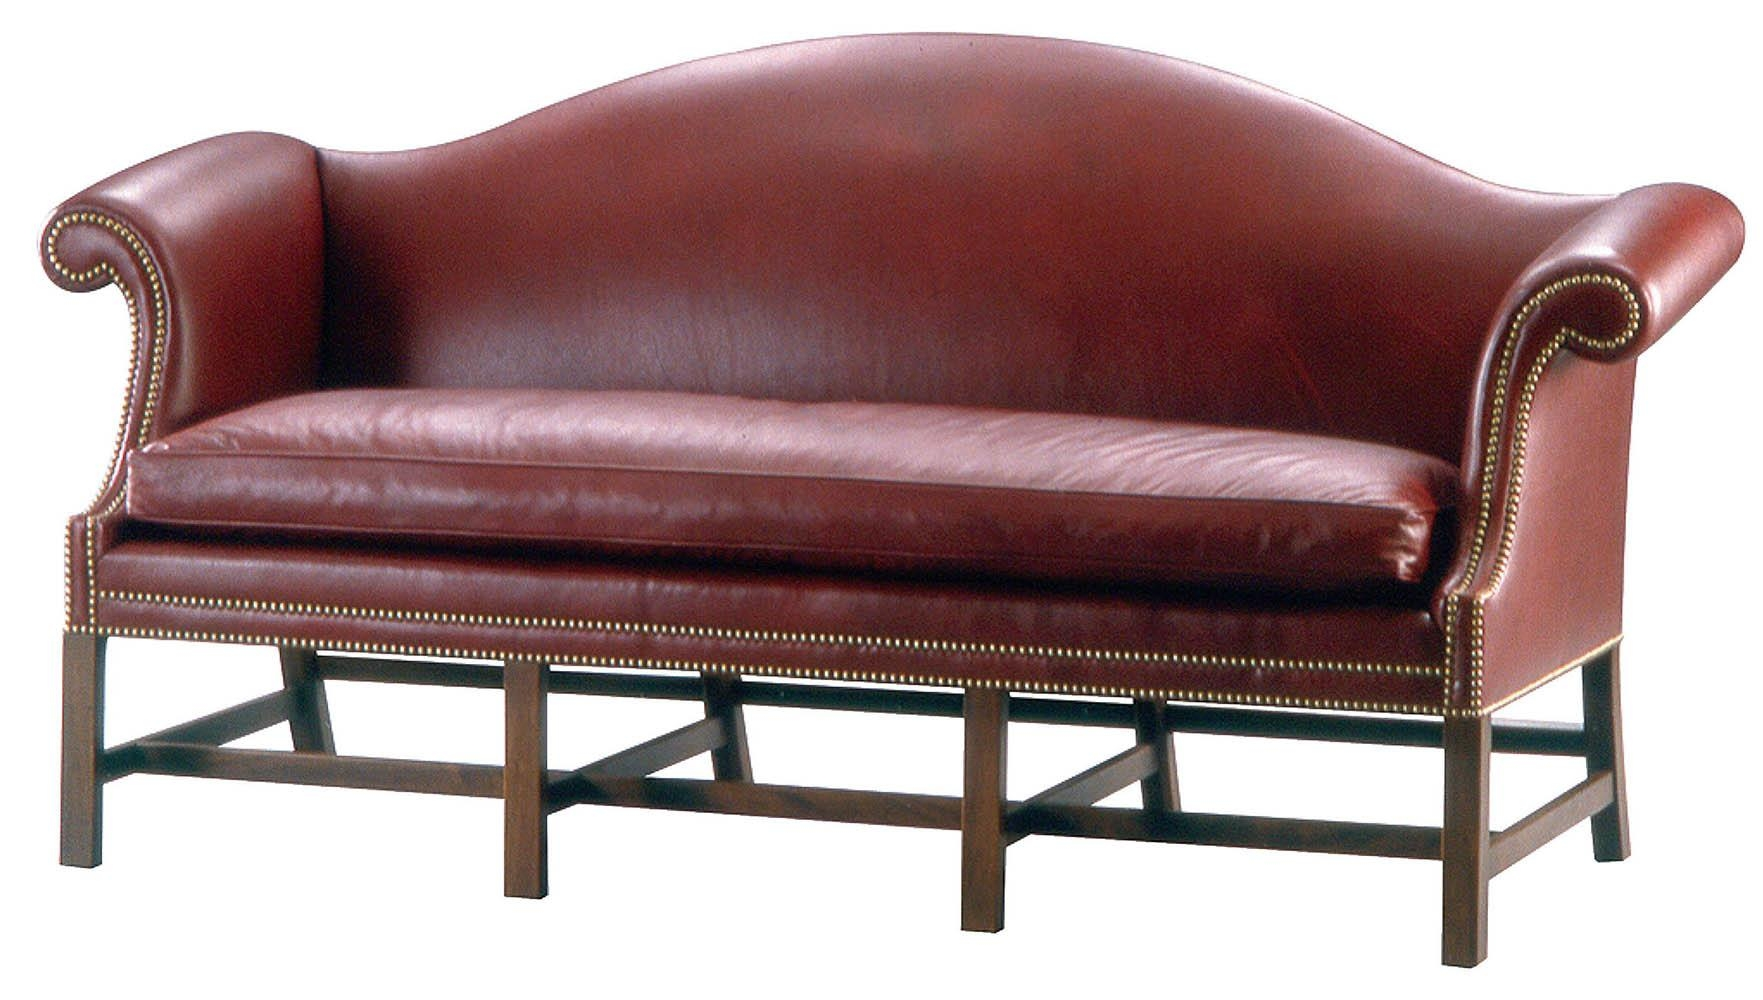 Ks3811 • Chippendale Camelback Sofa intended for Chippendale Camelback Sofas